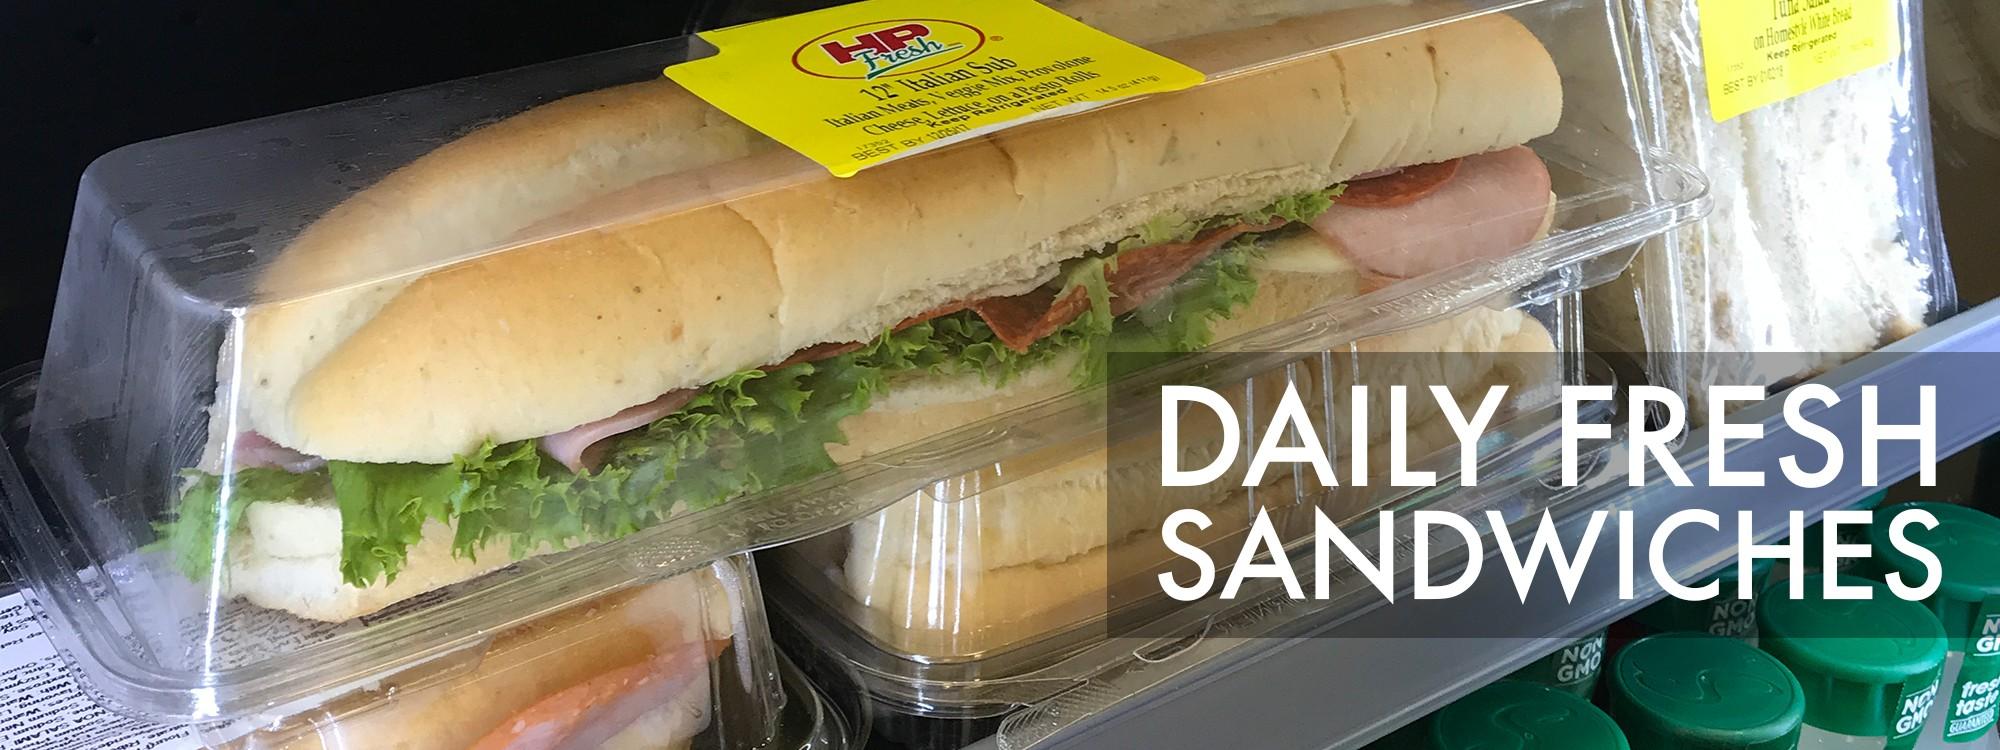 FreshSandwiches.jpg